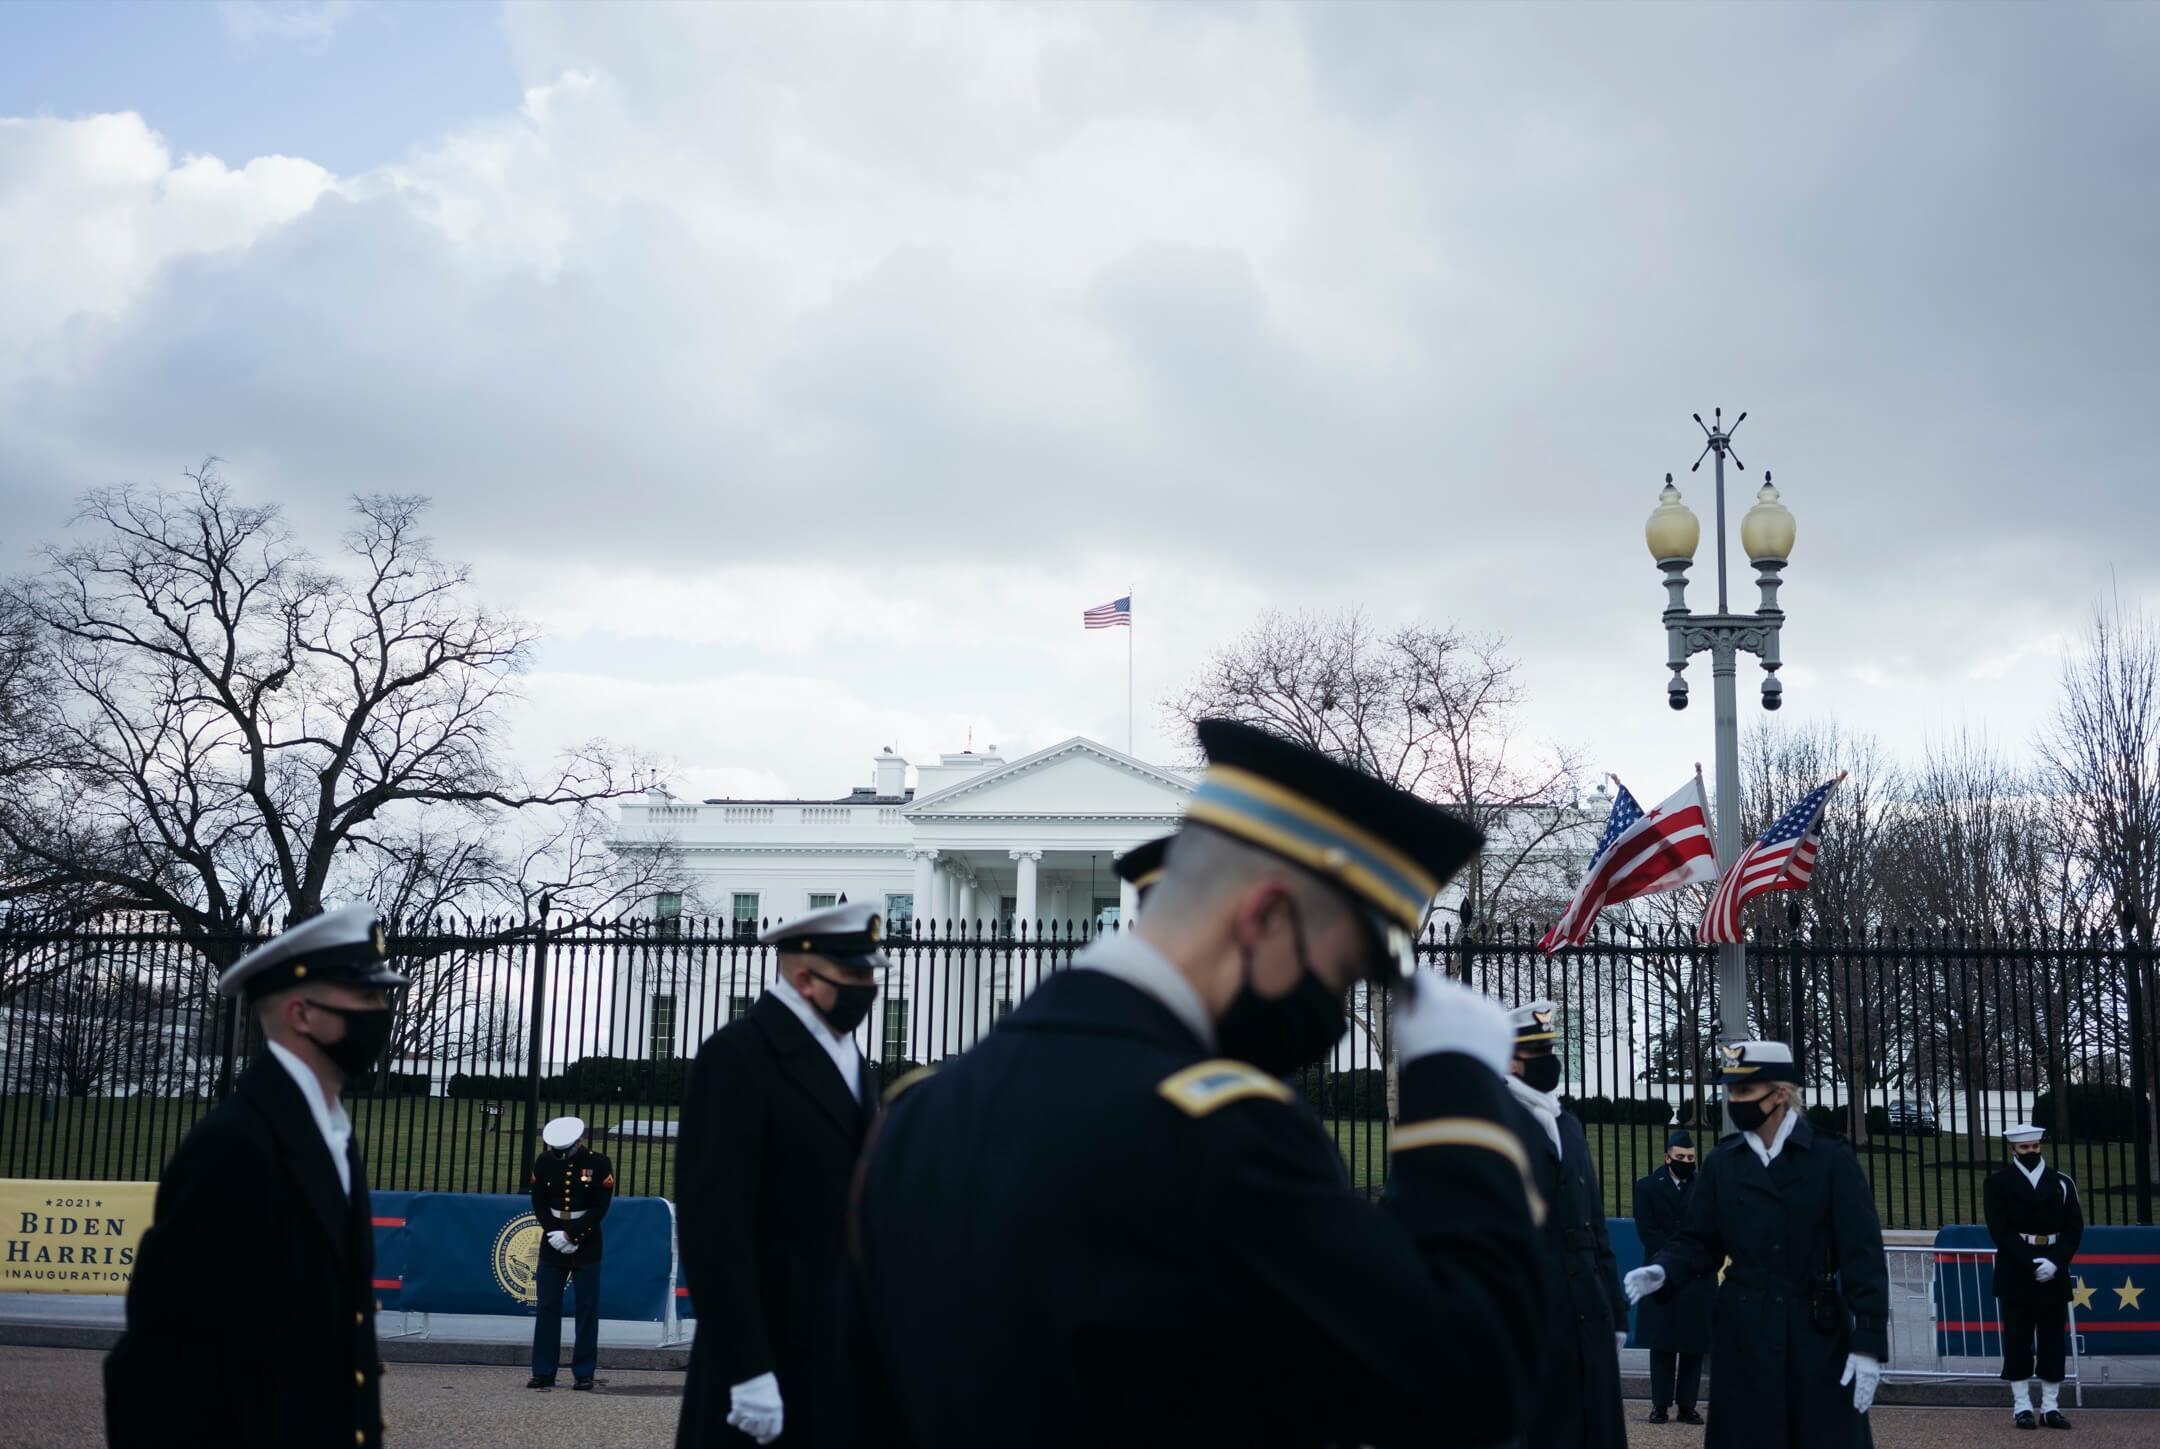 2021年1月18日,美國首都華盛頓特區,美軍成員在白宮外為新總統拜登上任儀式彩排。 攝:Eric Thayer/Getty Images